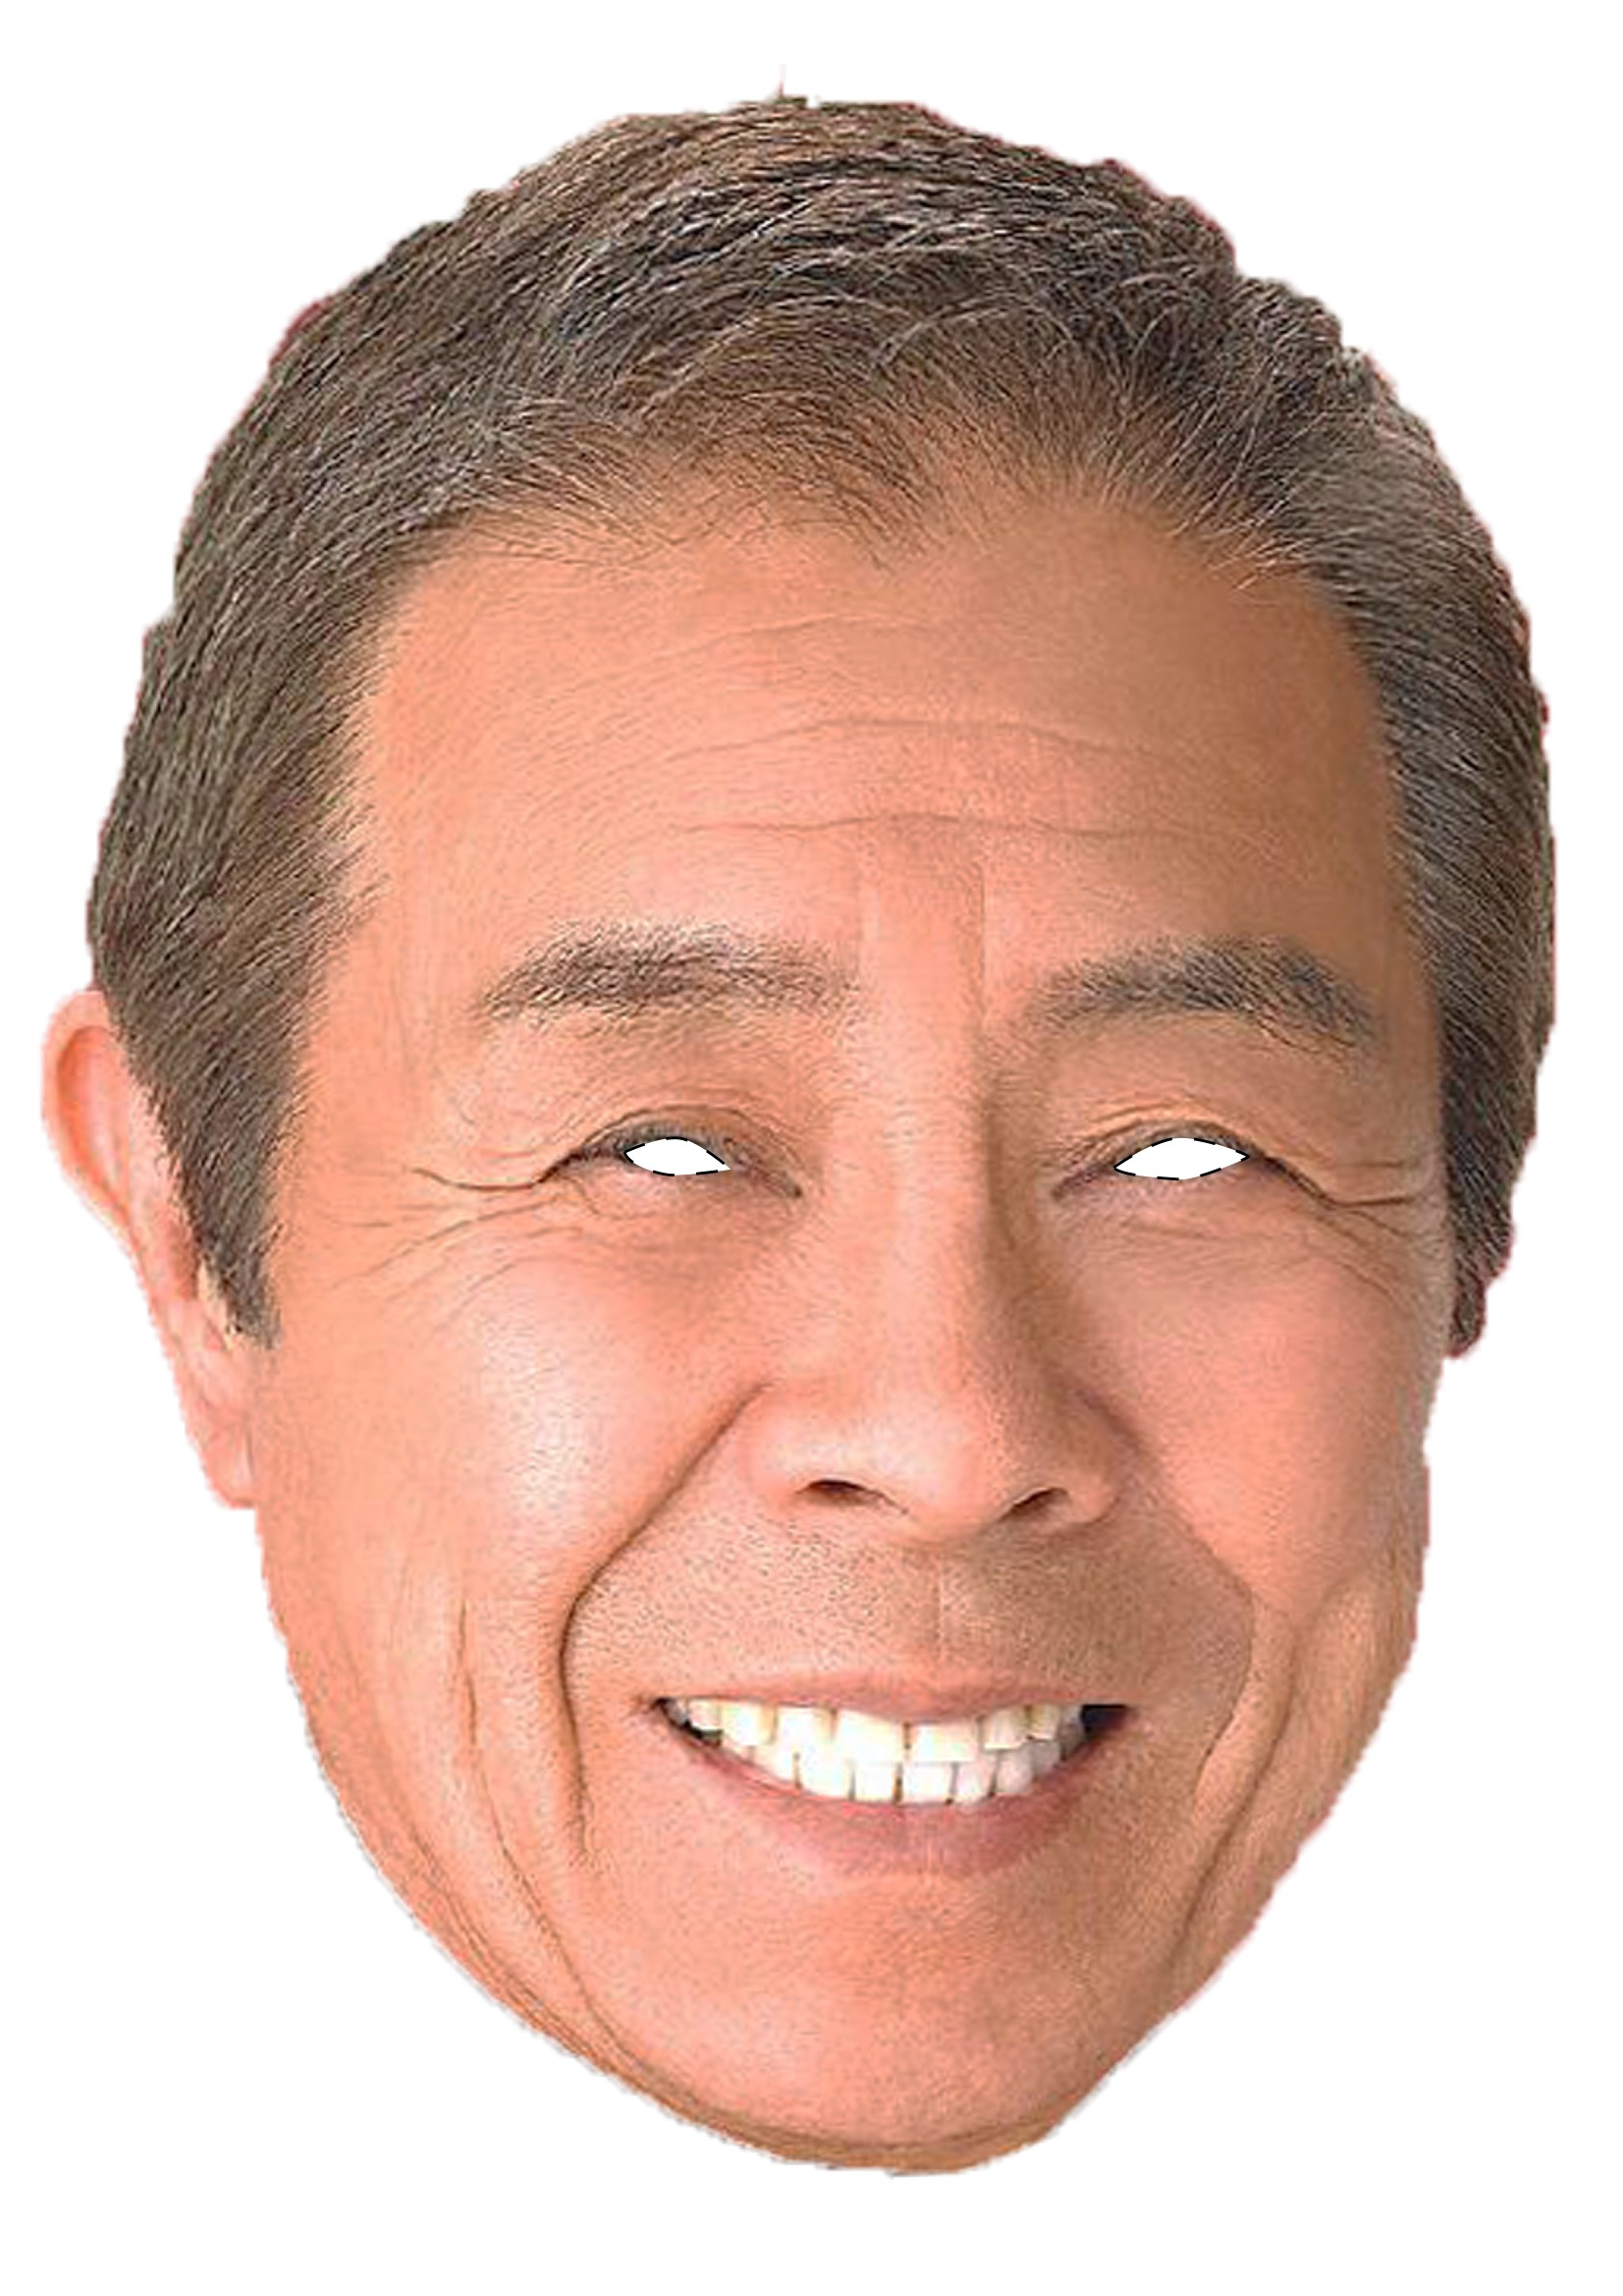 祭男 front